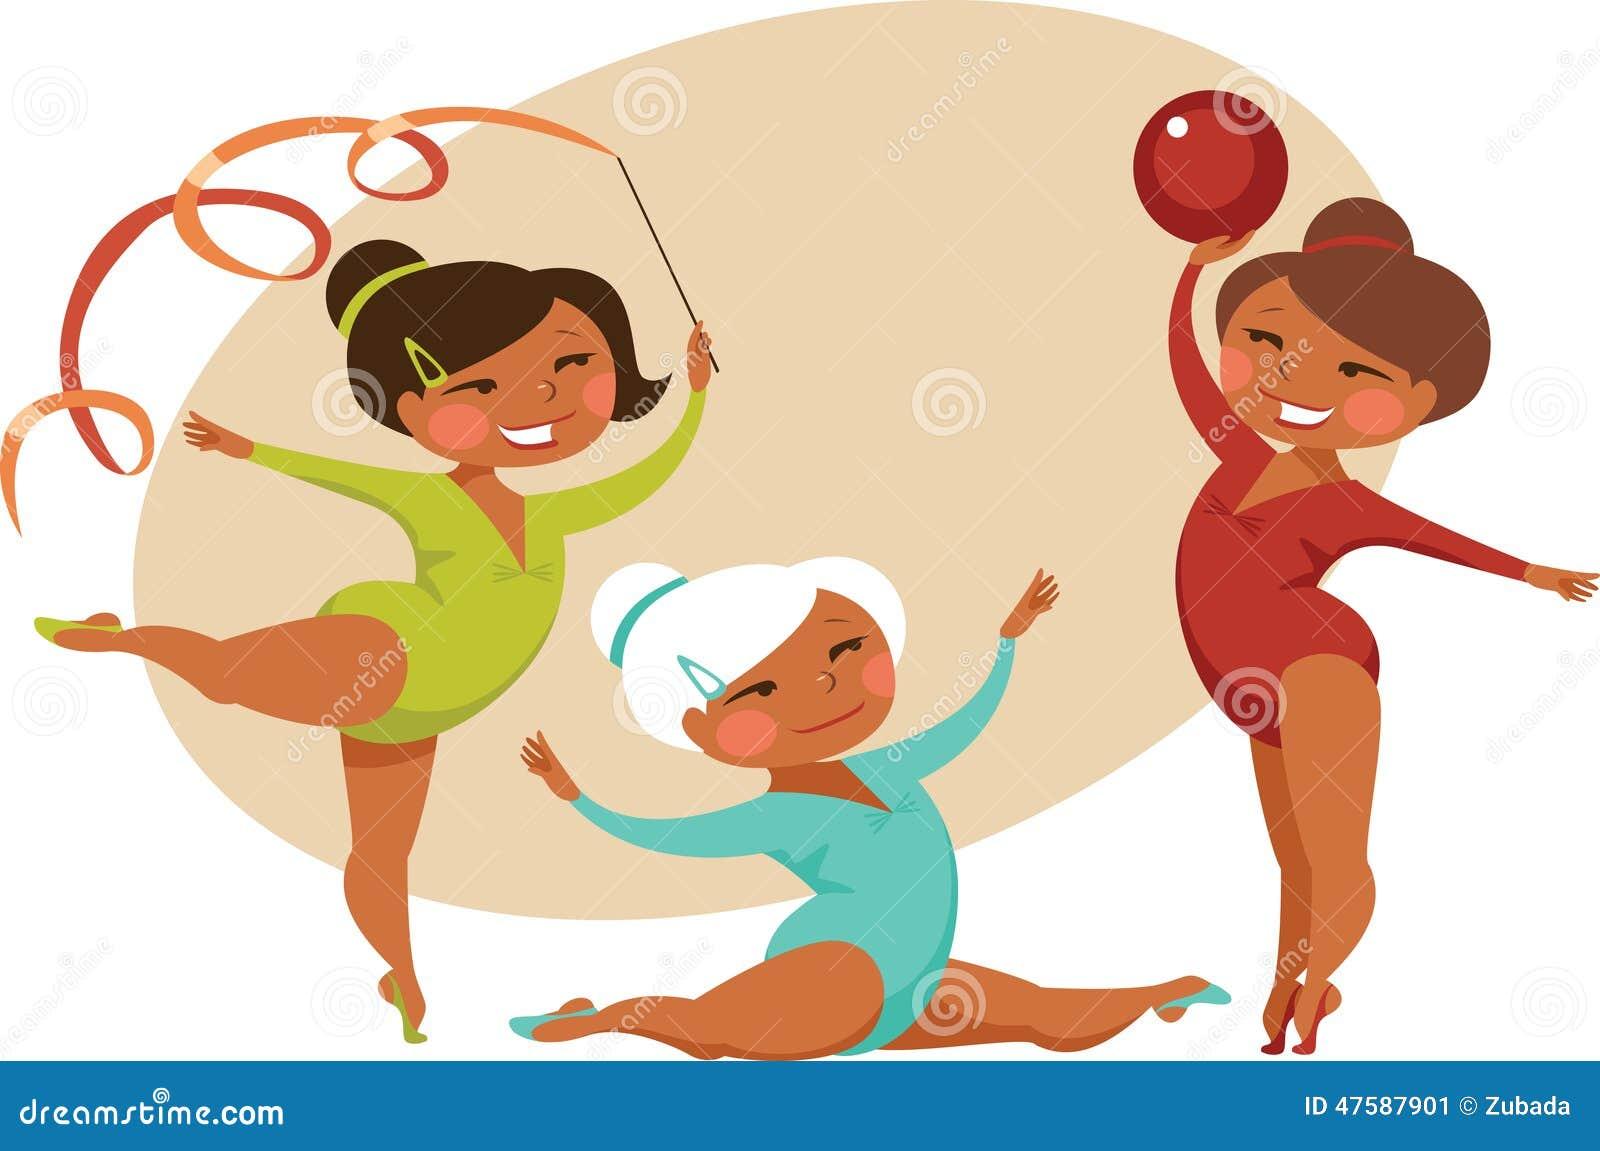 三位小女孩体操运动员动画片样式.图片